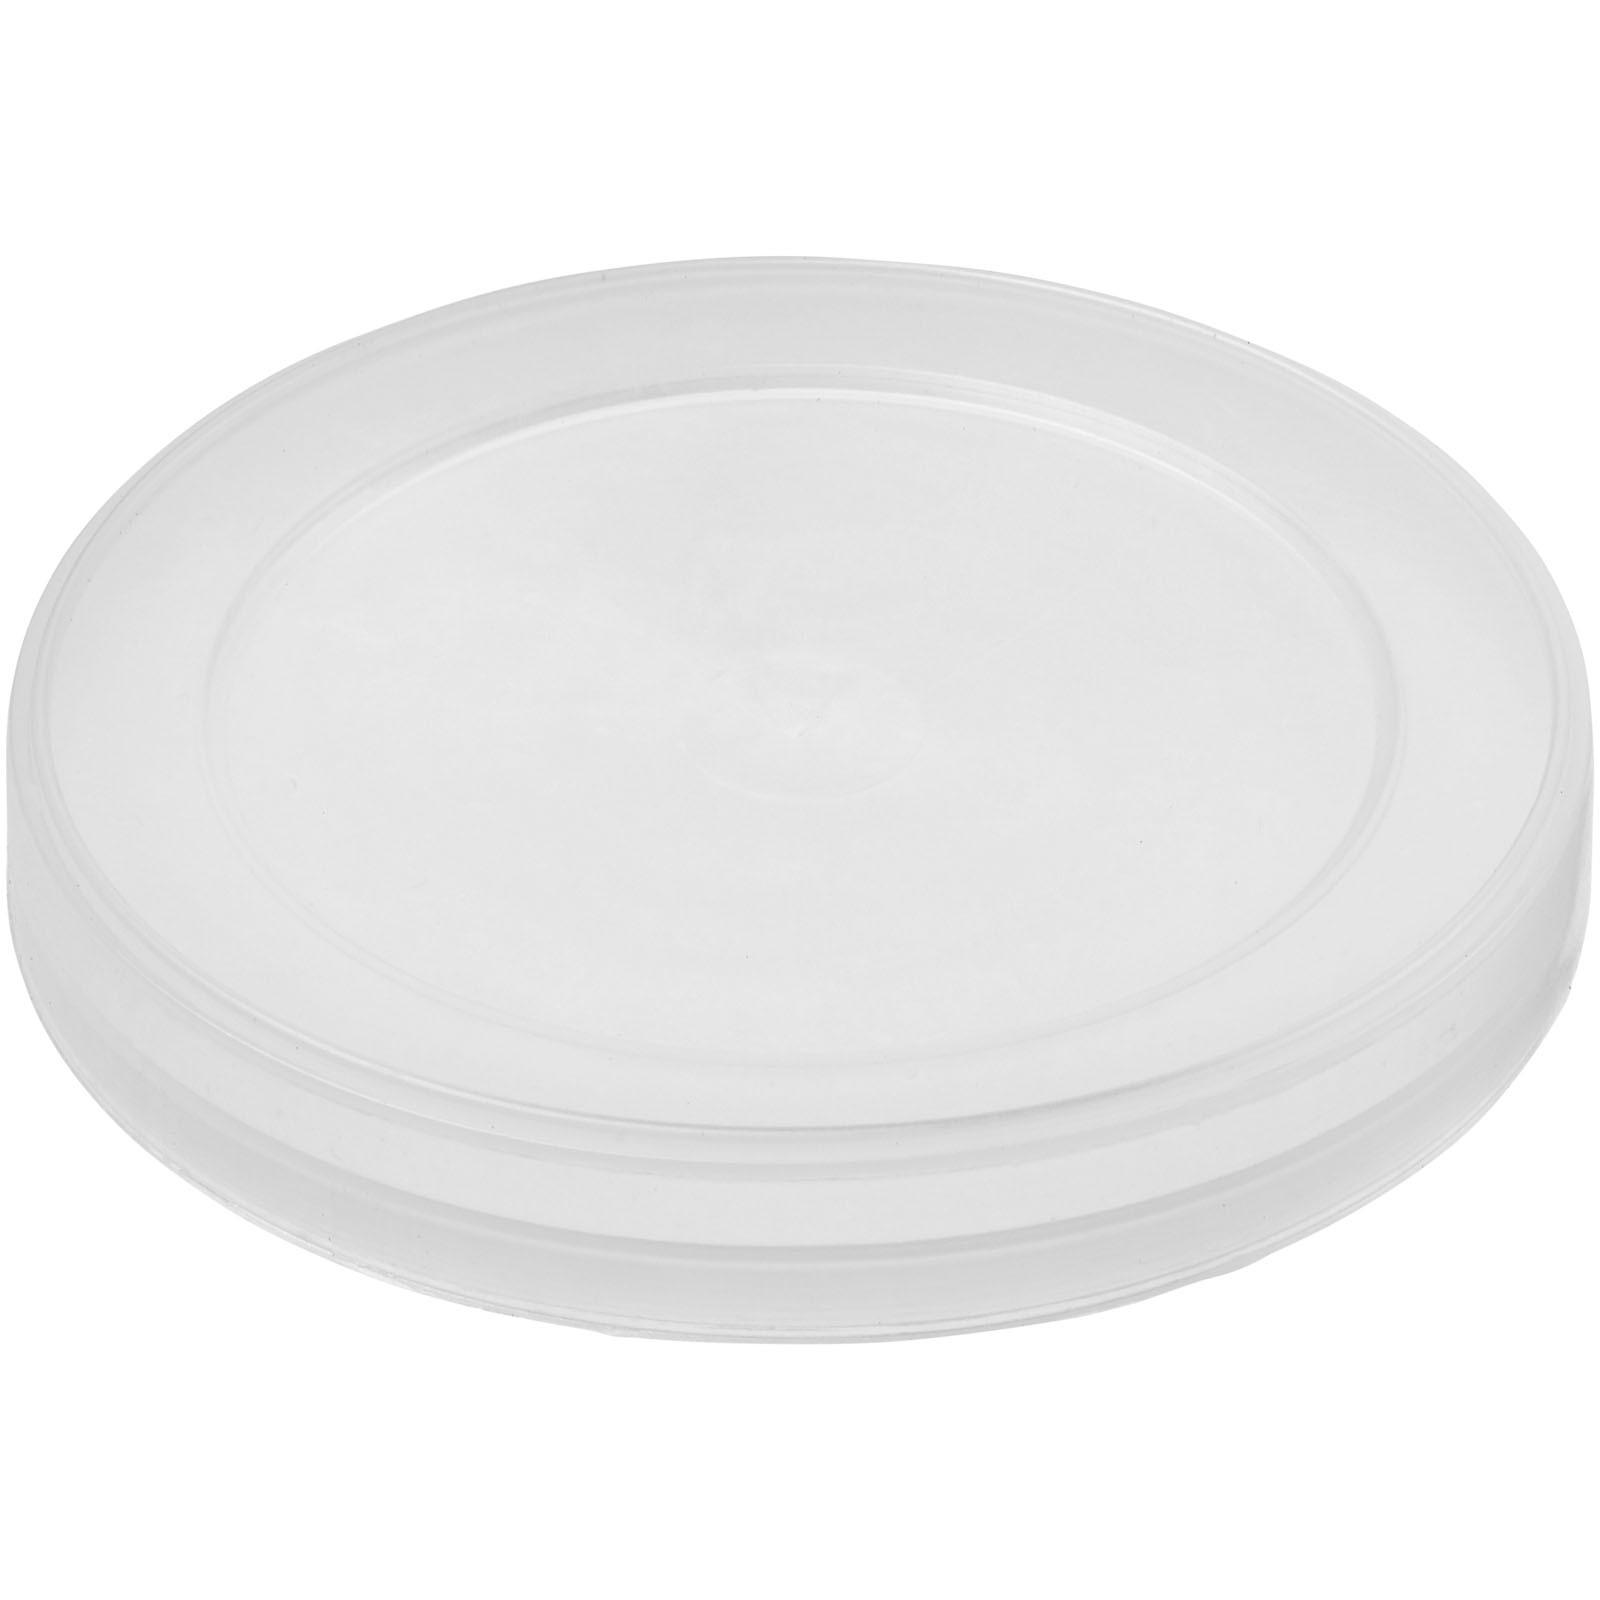 Plastová víčka na plechovky Seal - Průhledná Bezbarvá